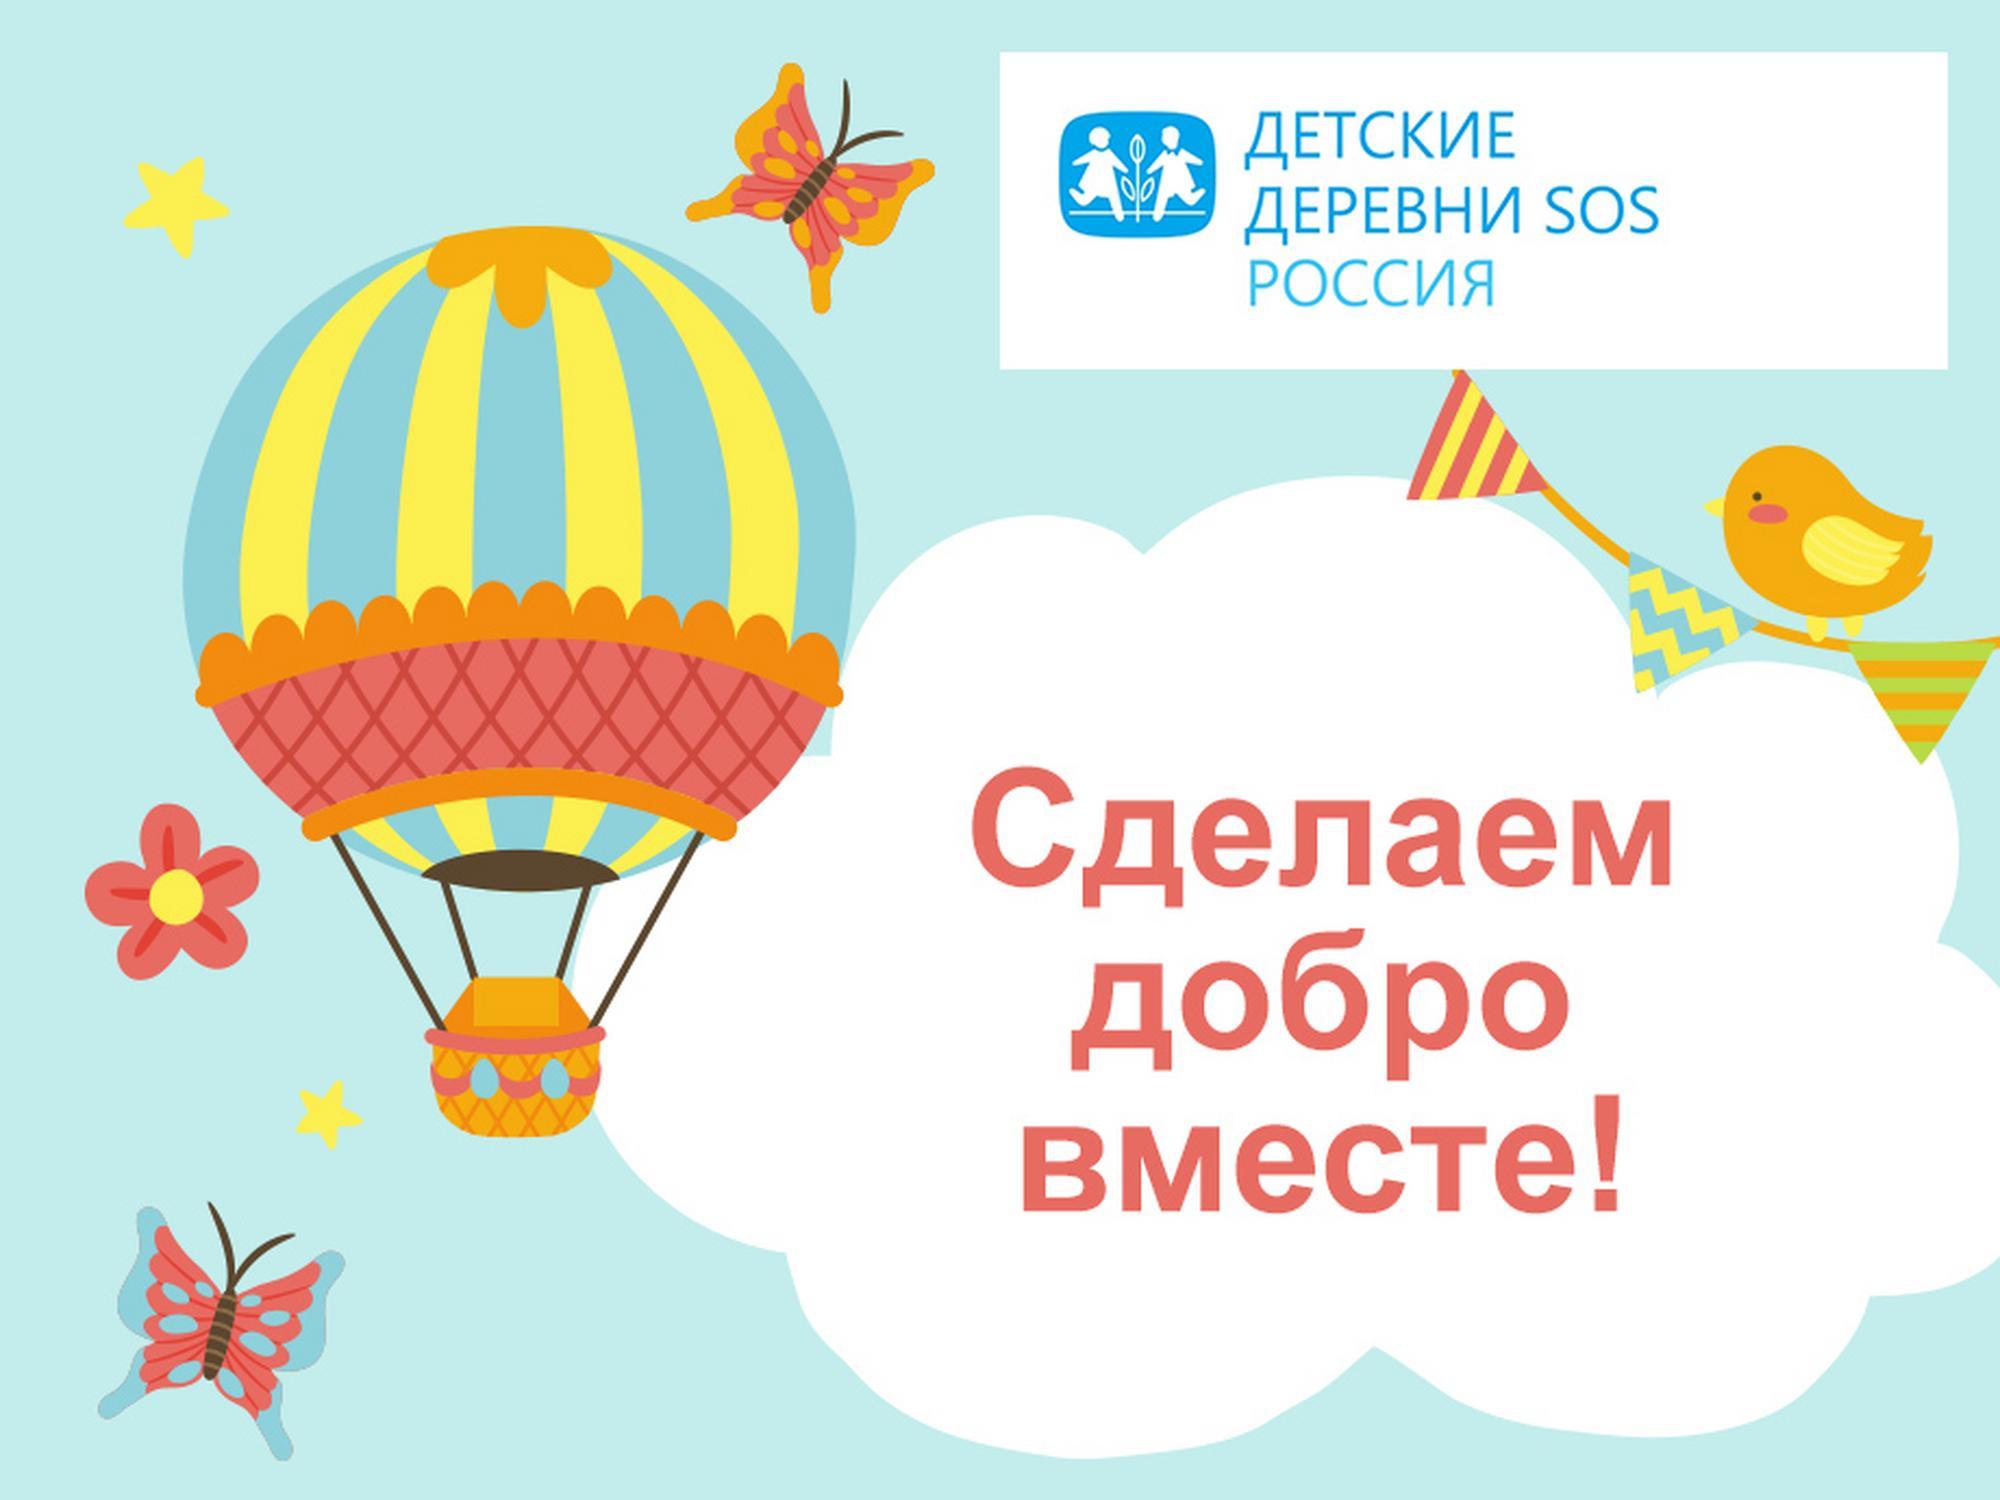 hero_banner_promo_SOS2019_xs_ru